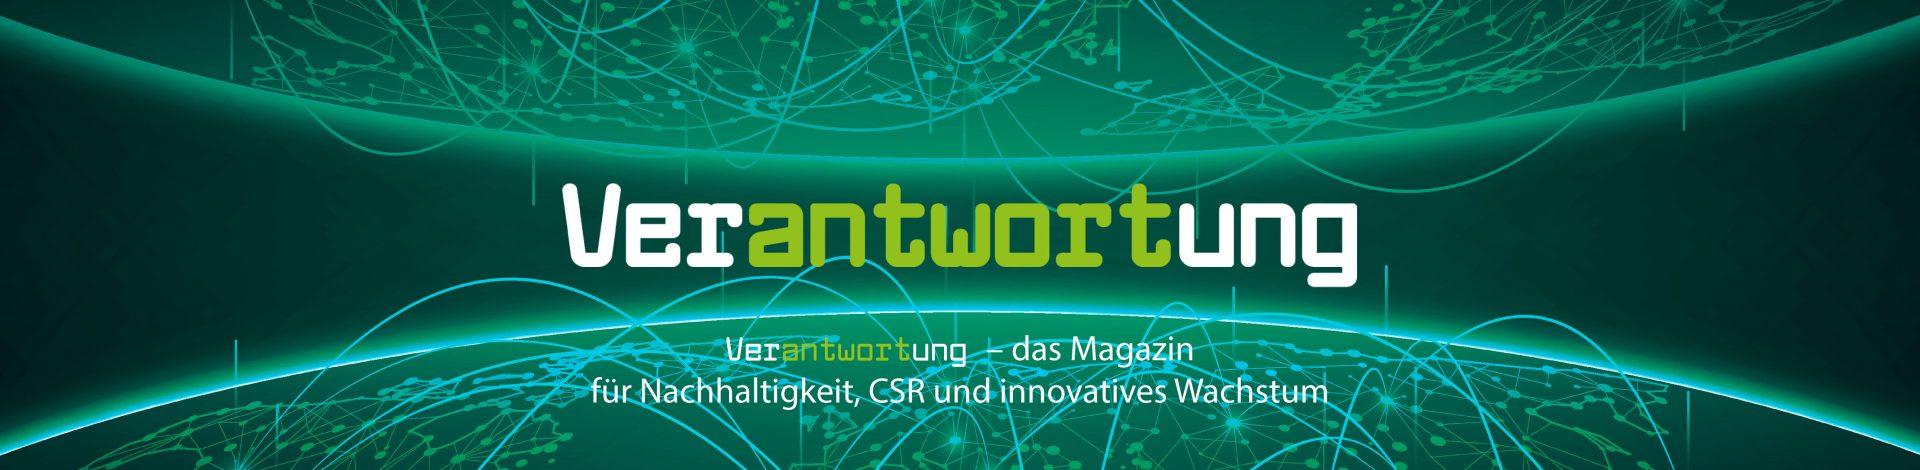 4625-X-1133-V-Magazin-Banner